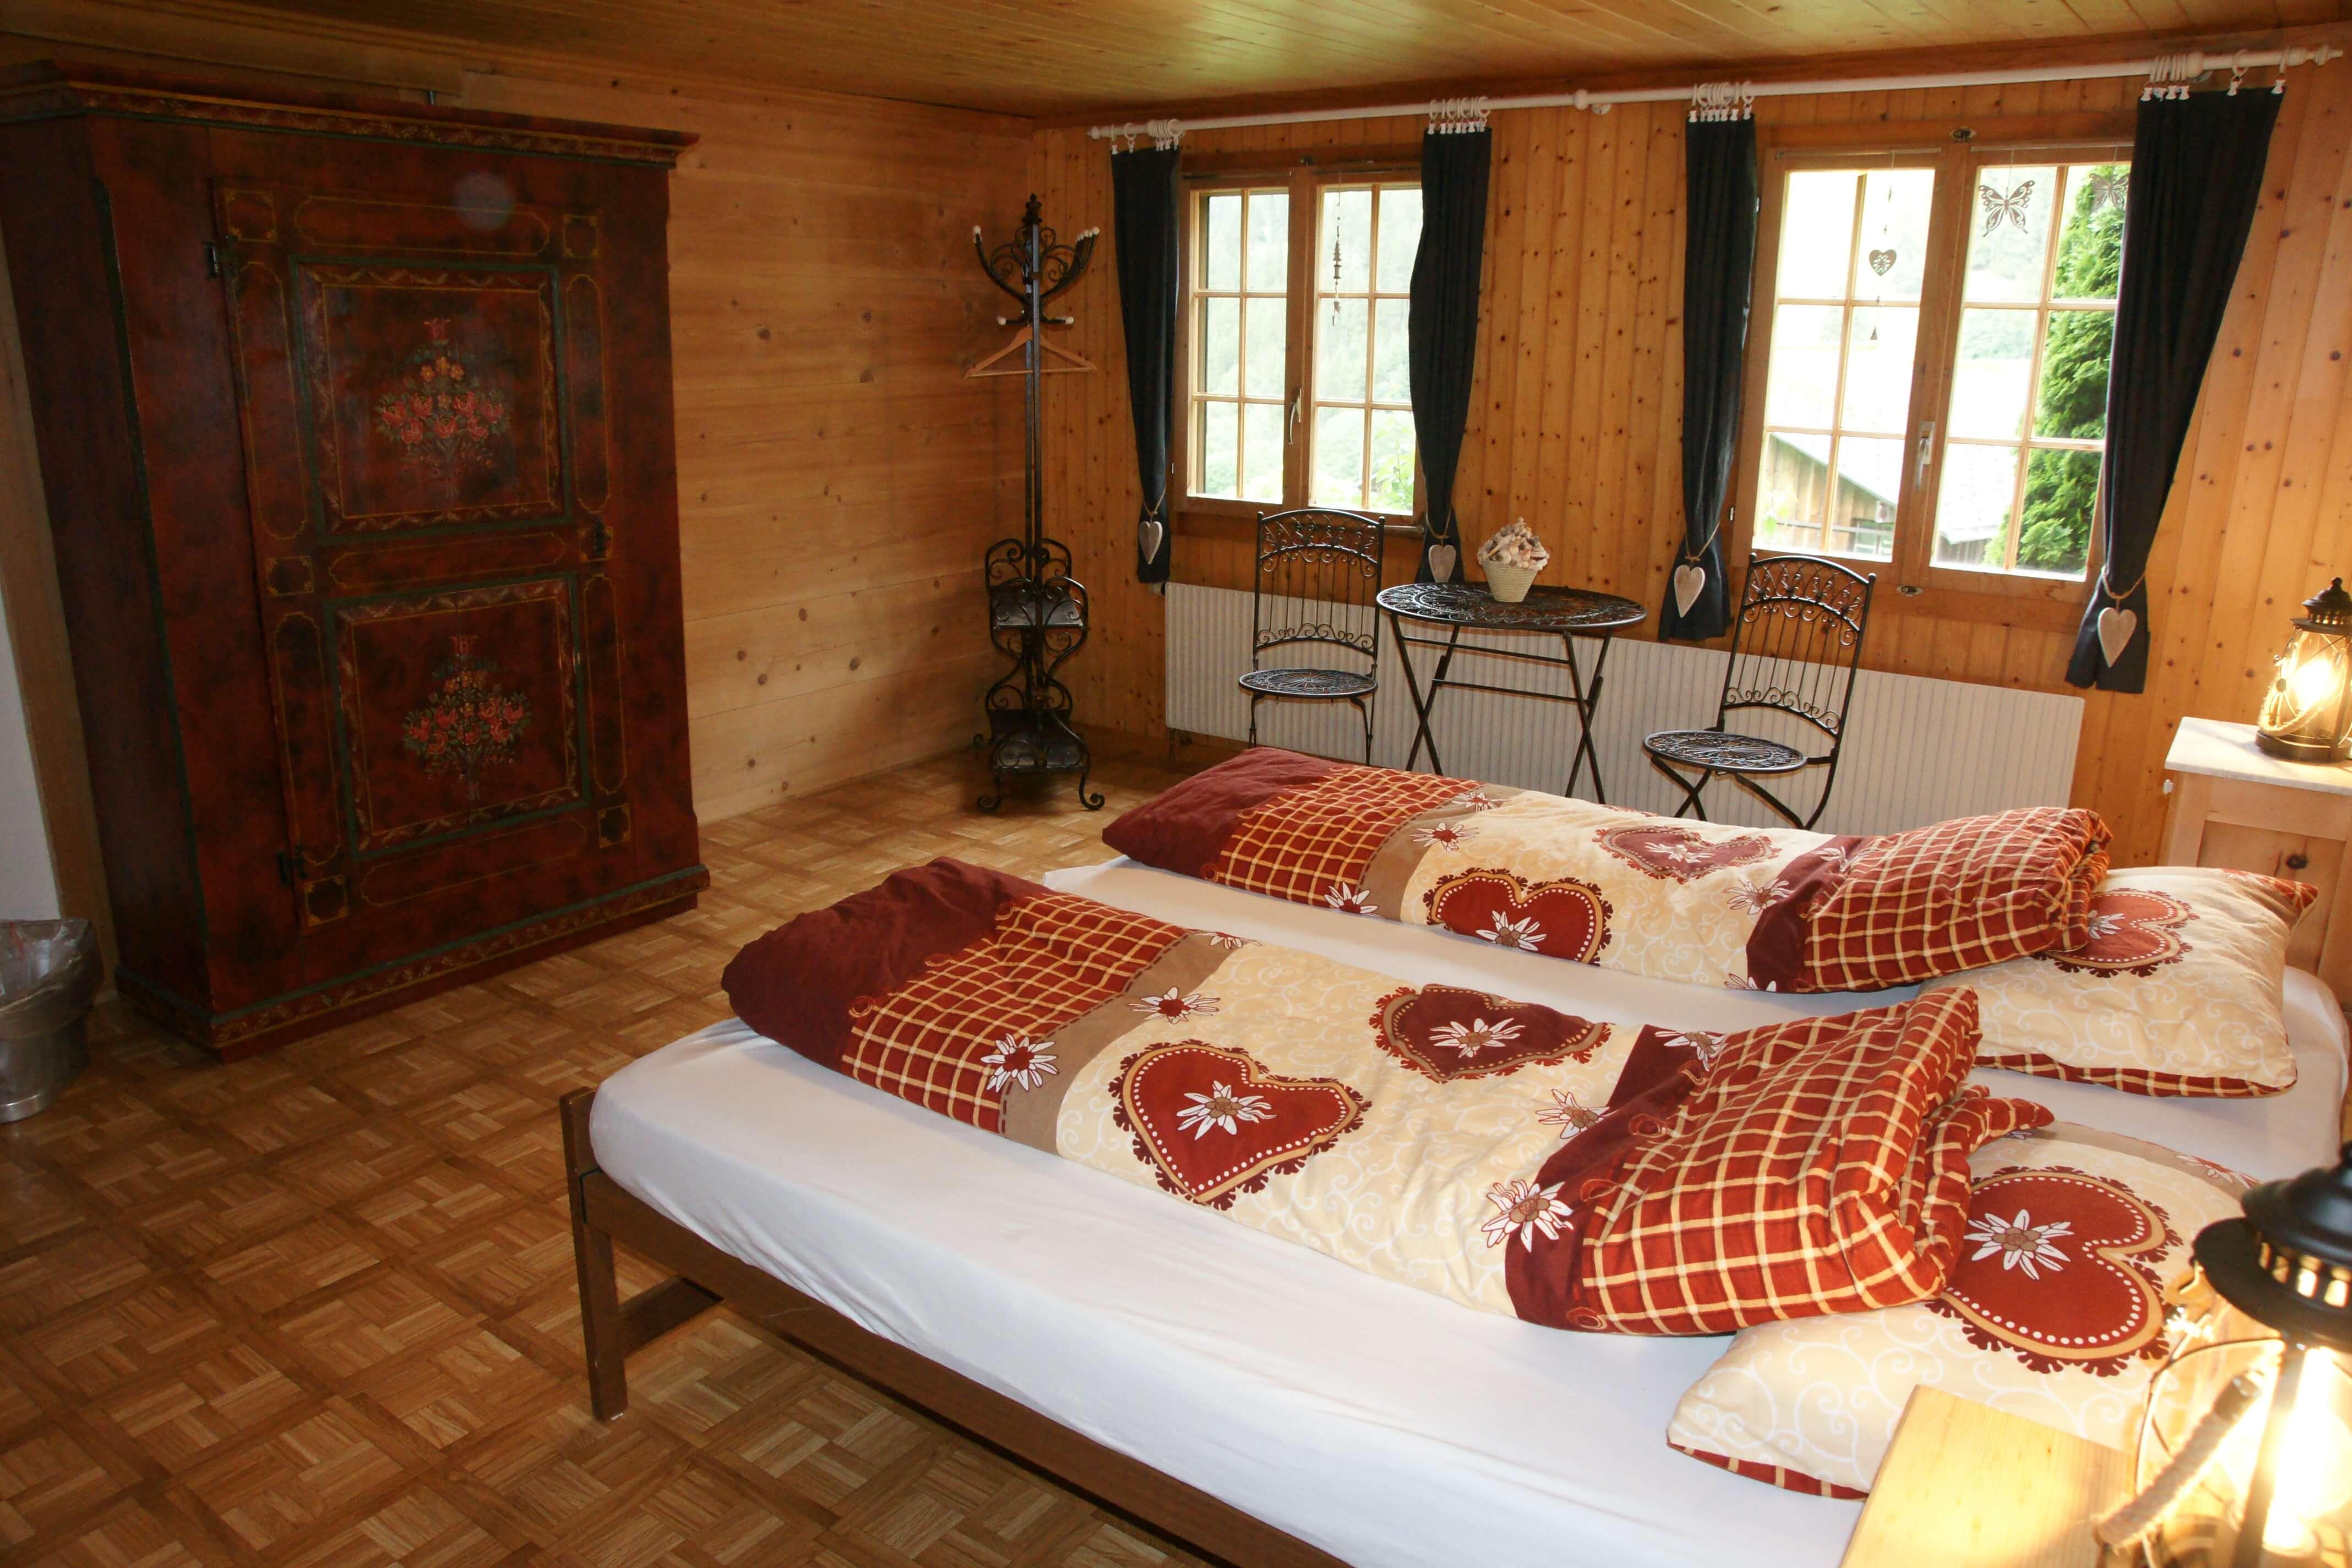 Schlafzimmer mit Arvenmöbel